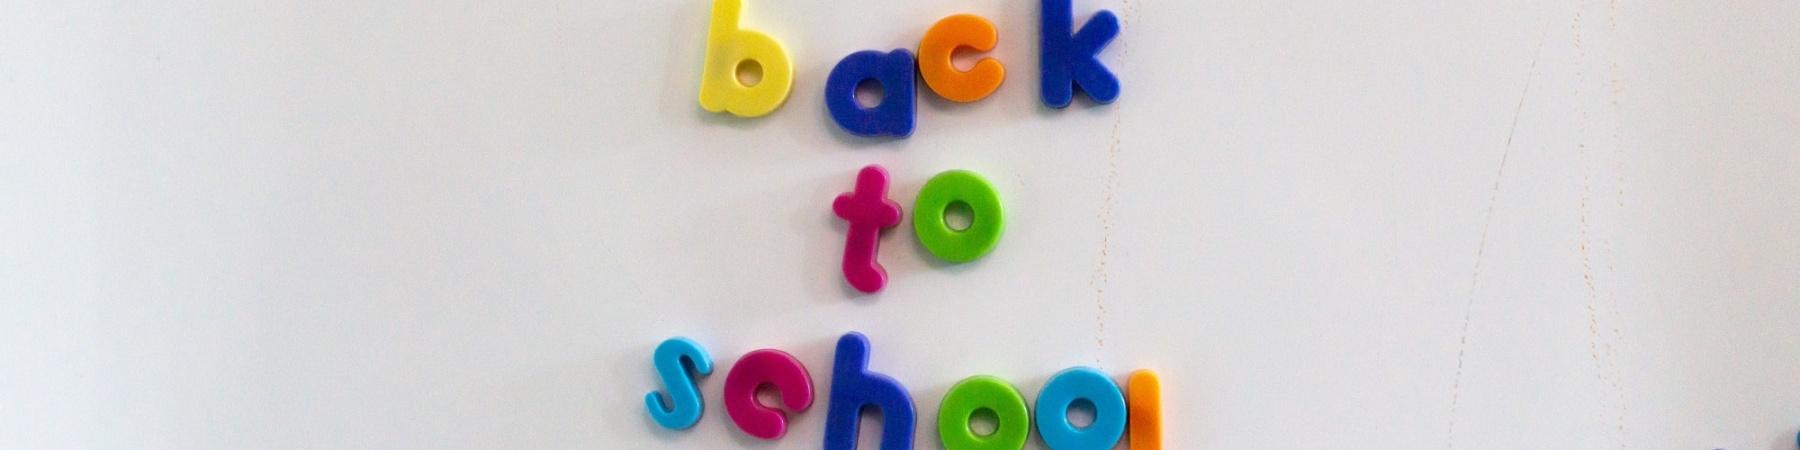 """lavagnetta magnetica con lettere colorate unite a formare la scritta """"Back to school"""""""